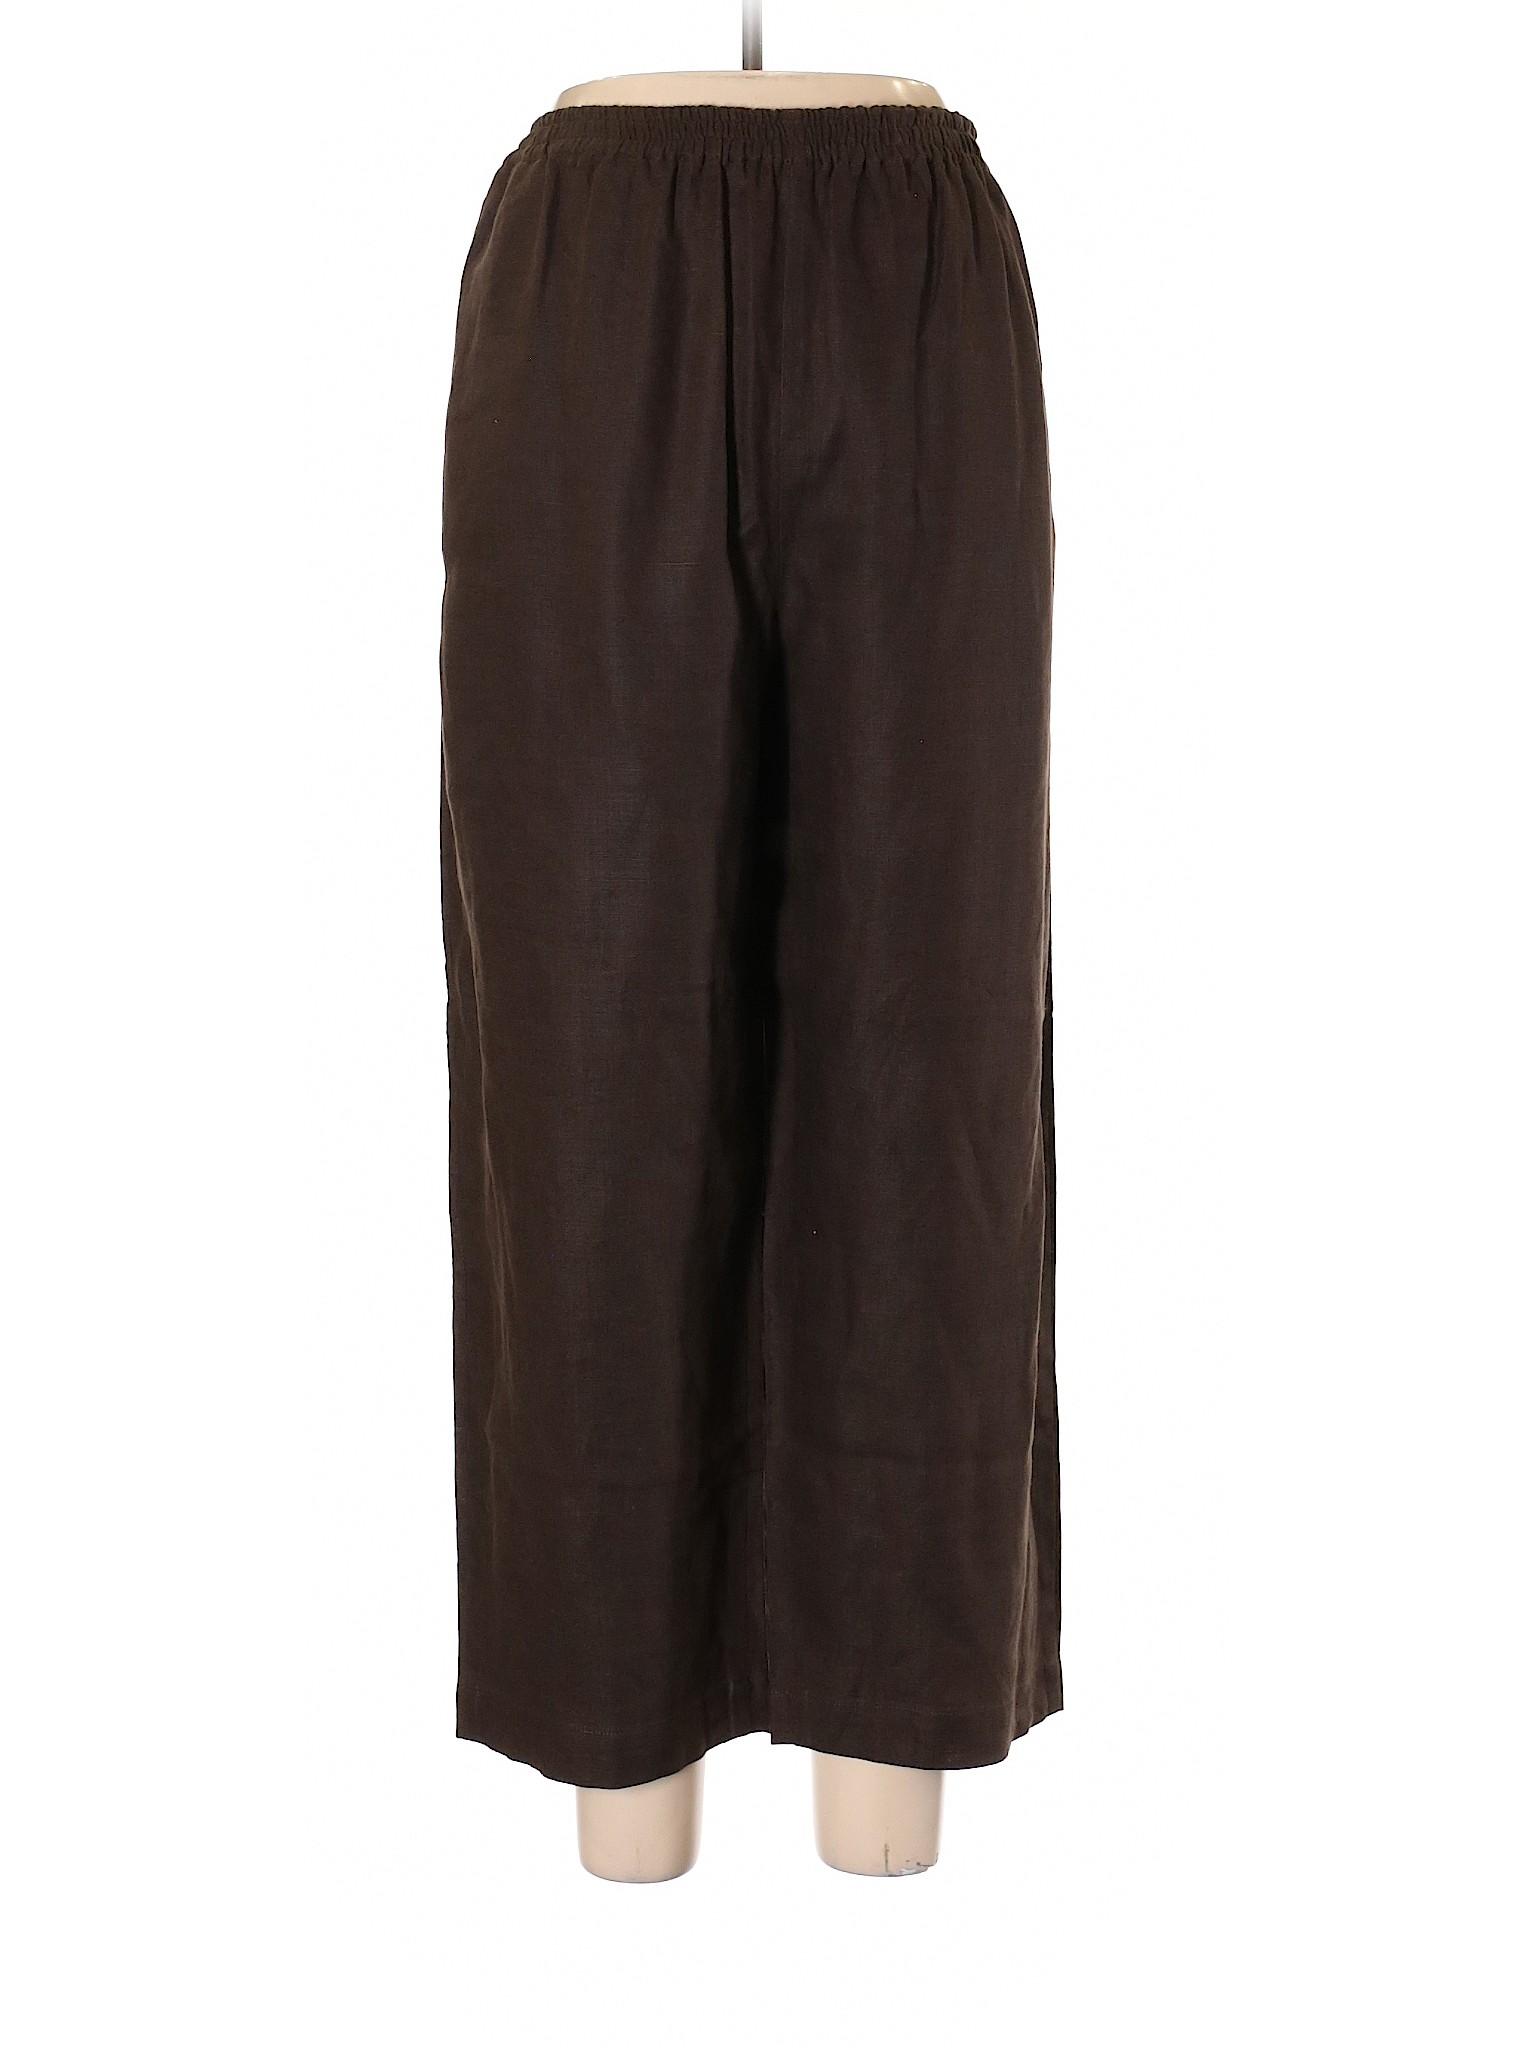 Boutique Casual Eskandar Boutique Casual Eskandar Pants 6xwSq